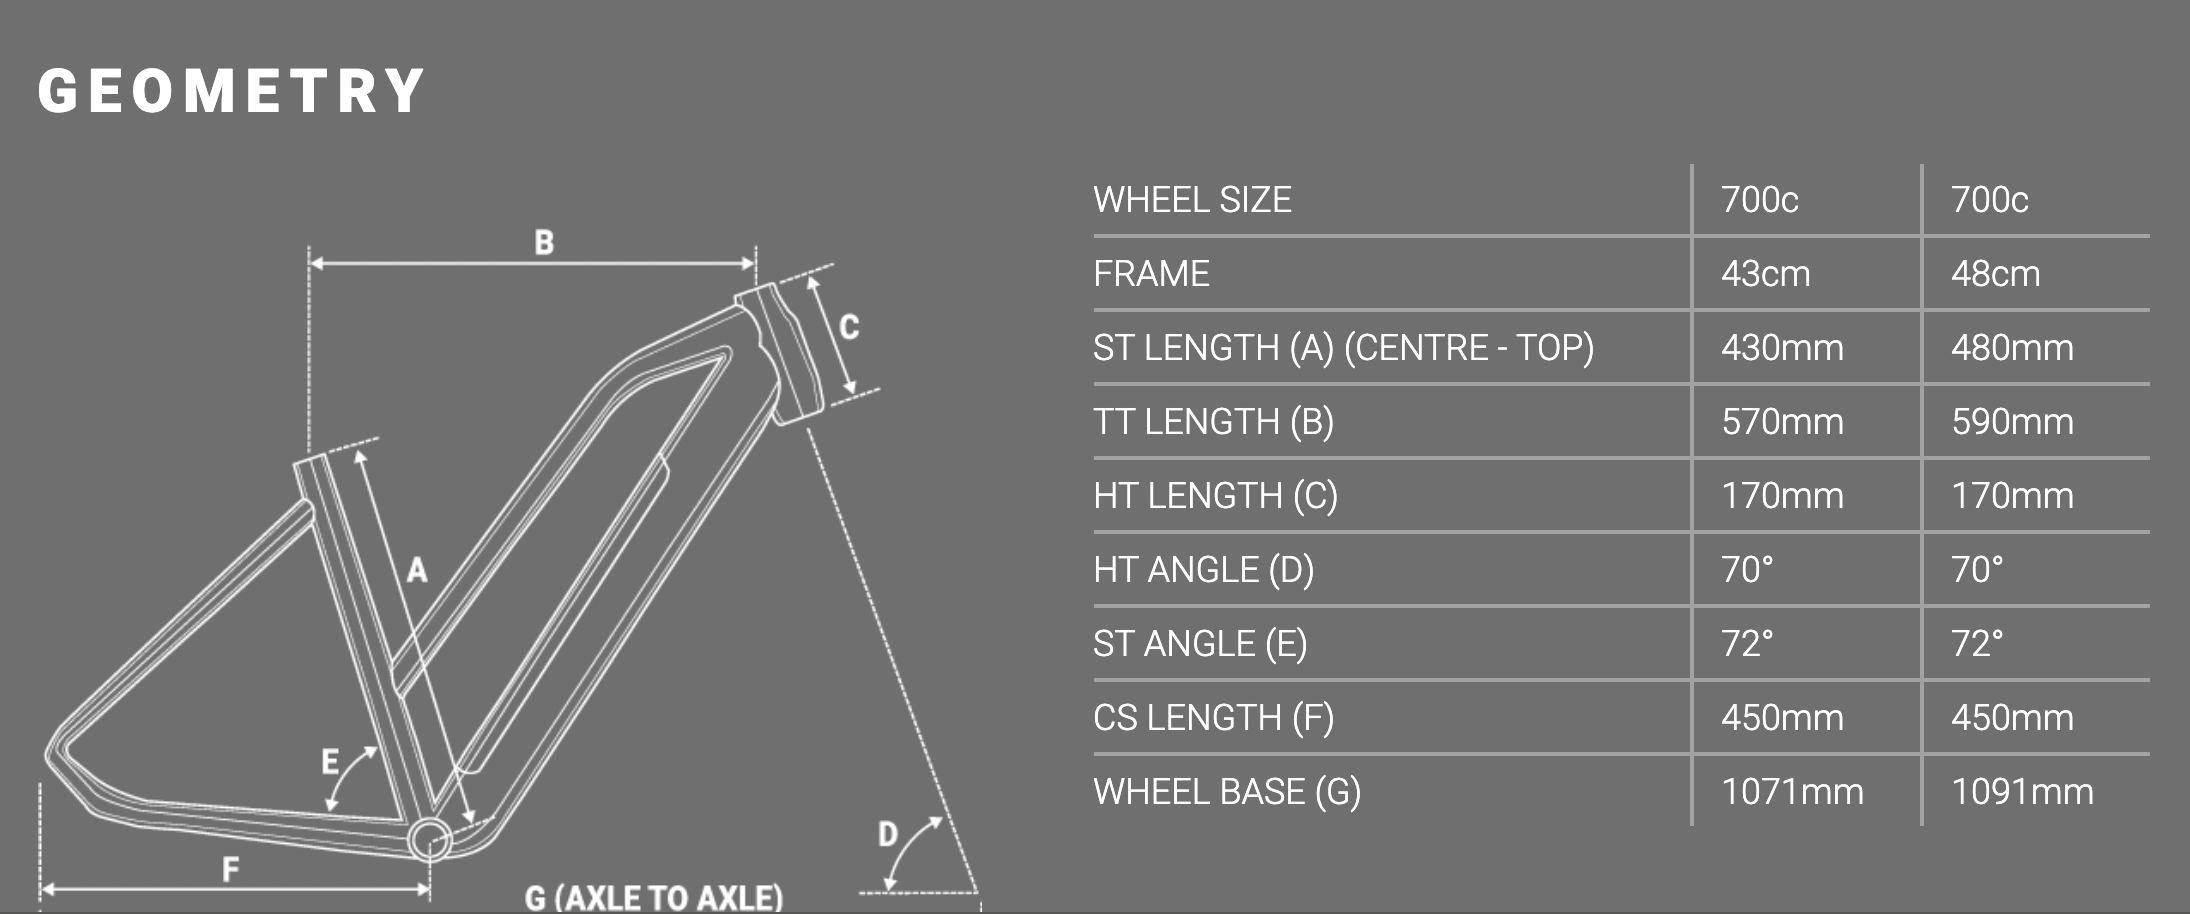 Forme Cromford ELS Electric Bike Geometry